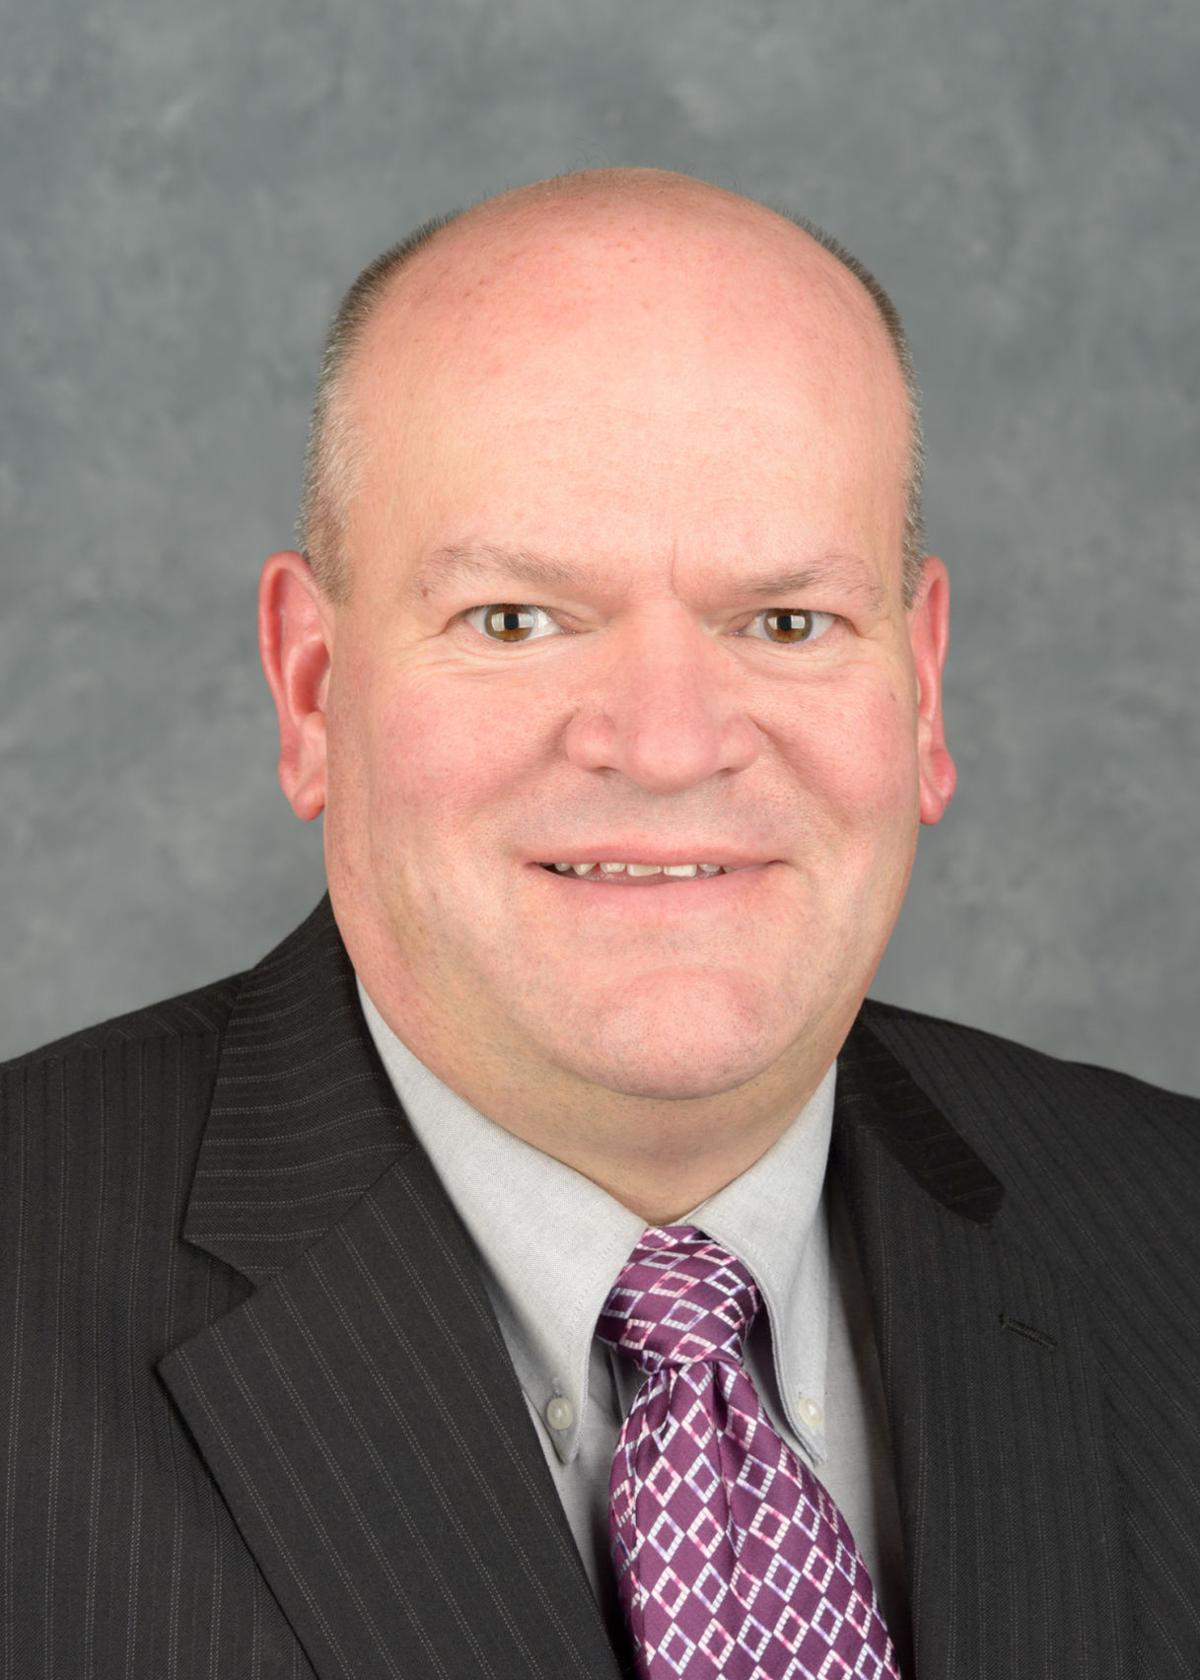 Robert Schmigel